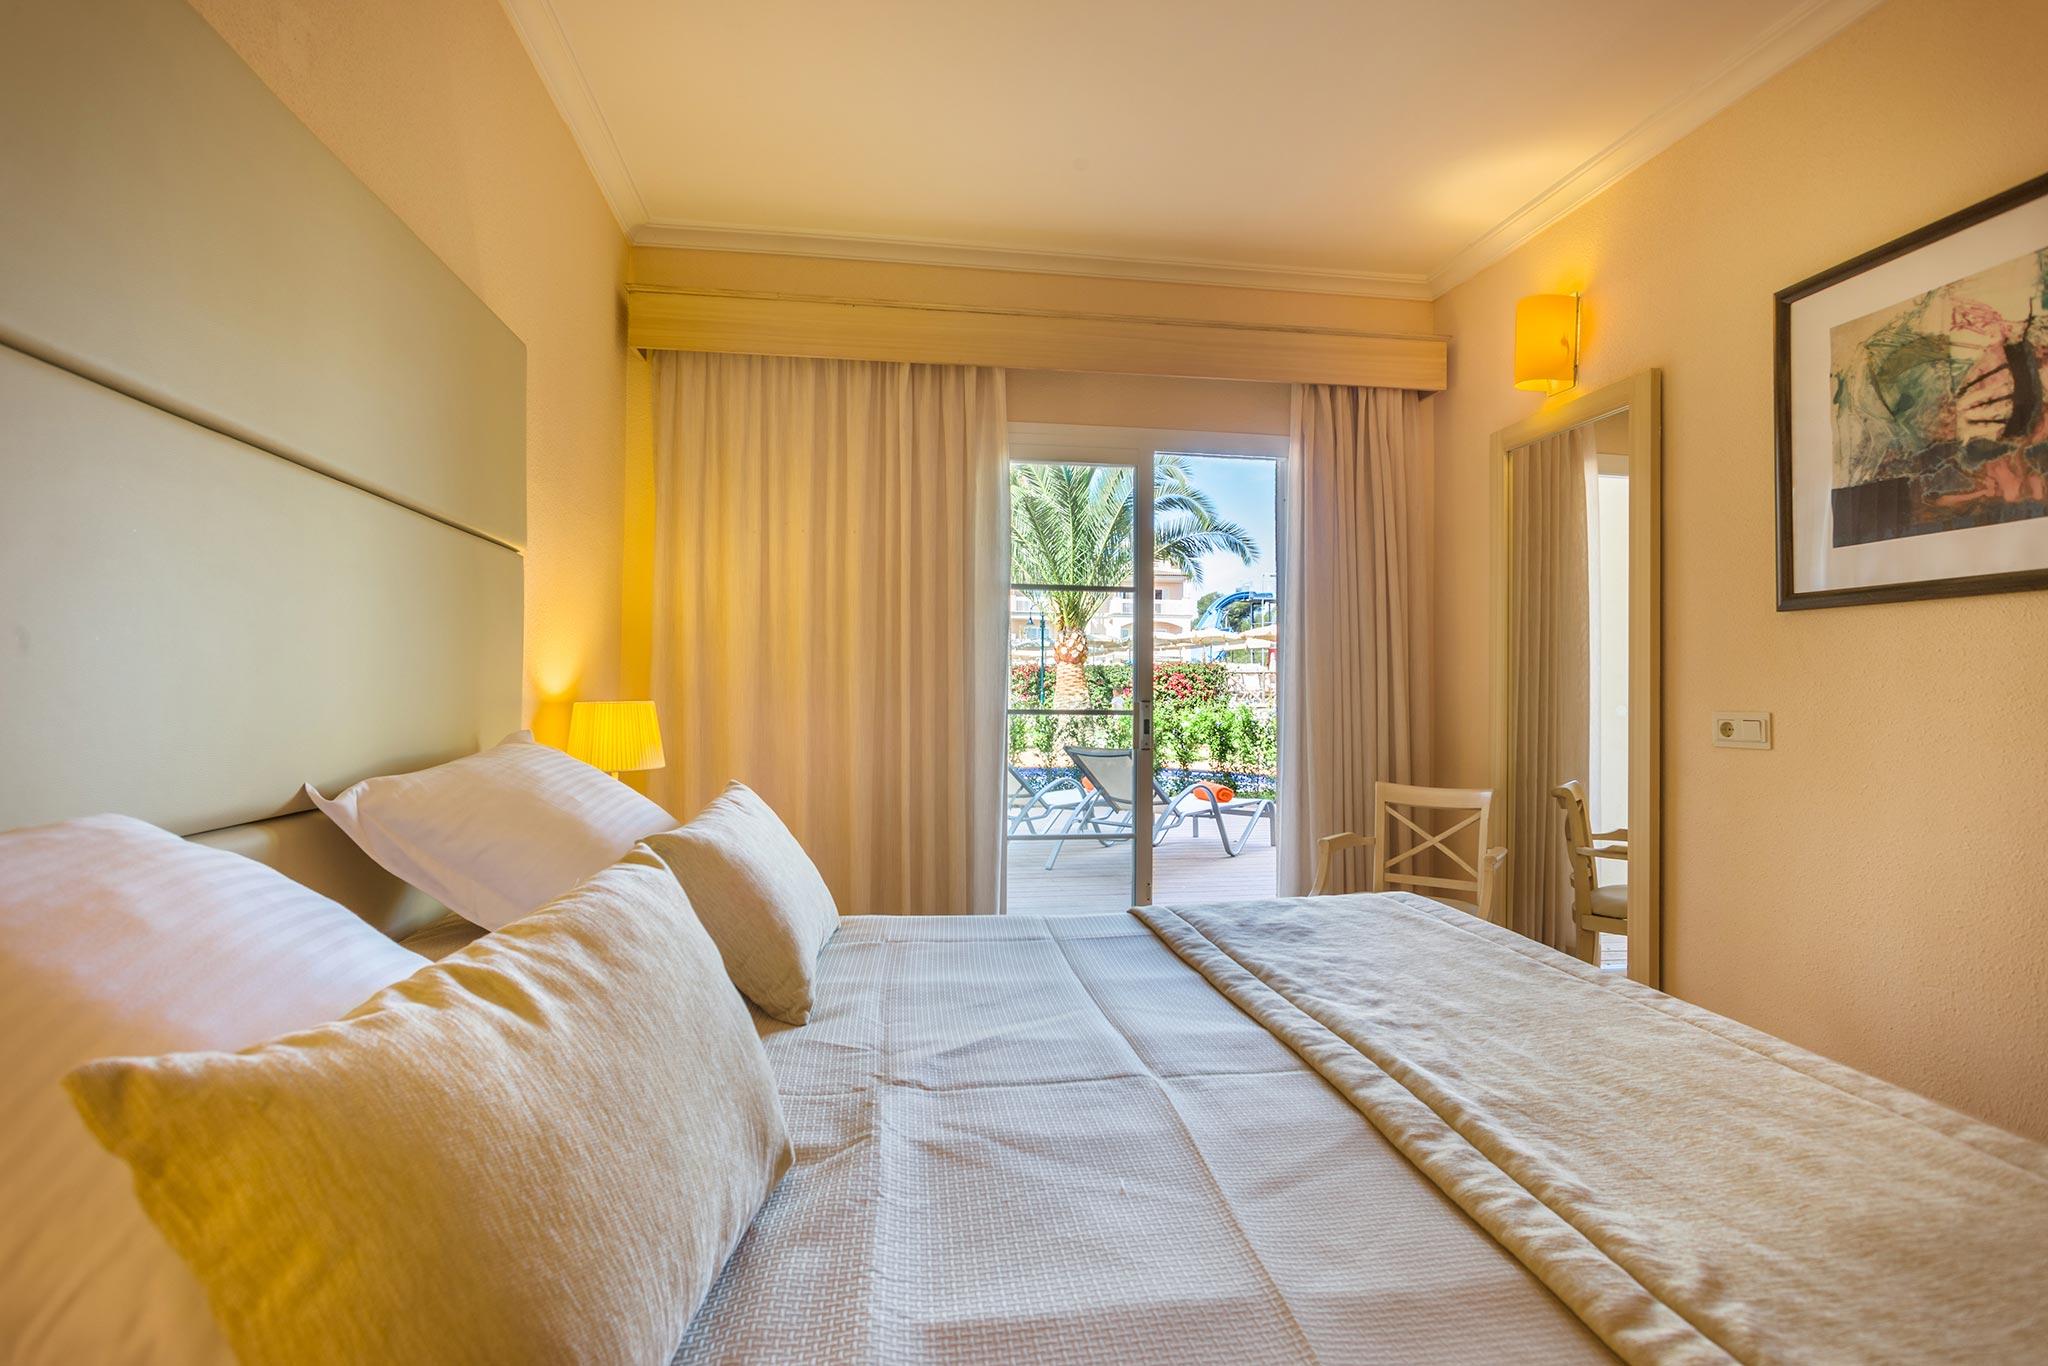 Apartamento Swim Up del hotel Zafiro Can Picafort